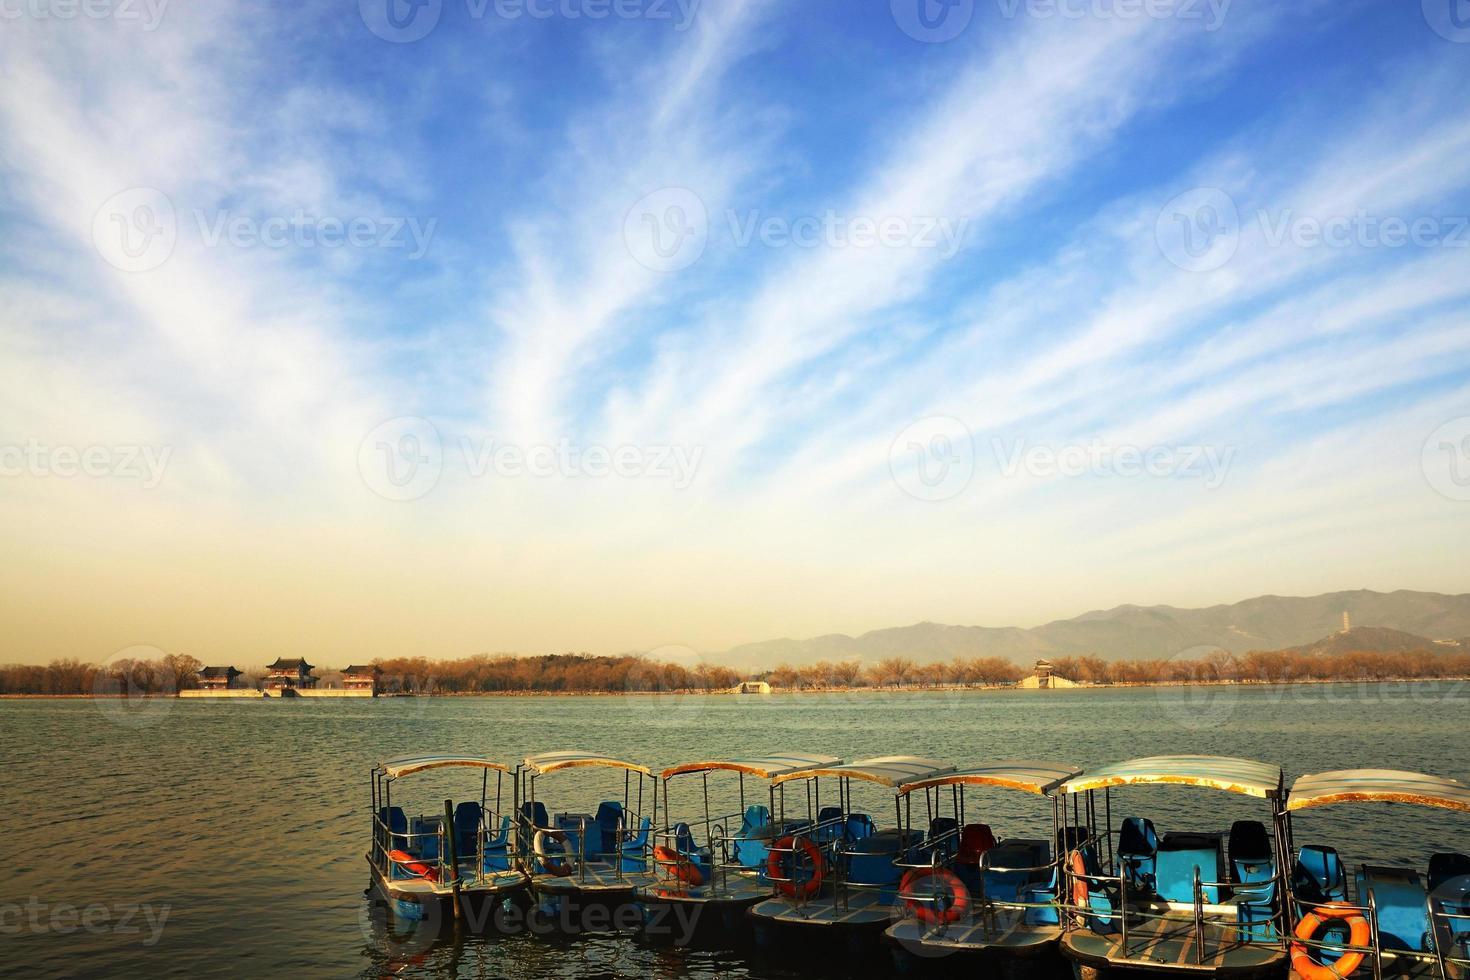 palacio de verano en beijing foto